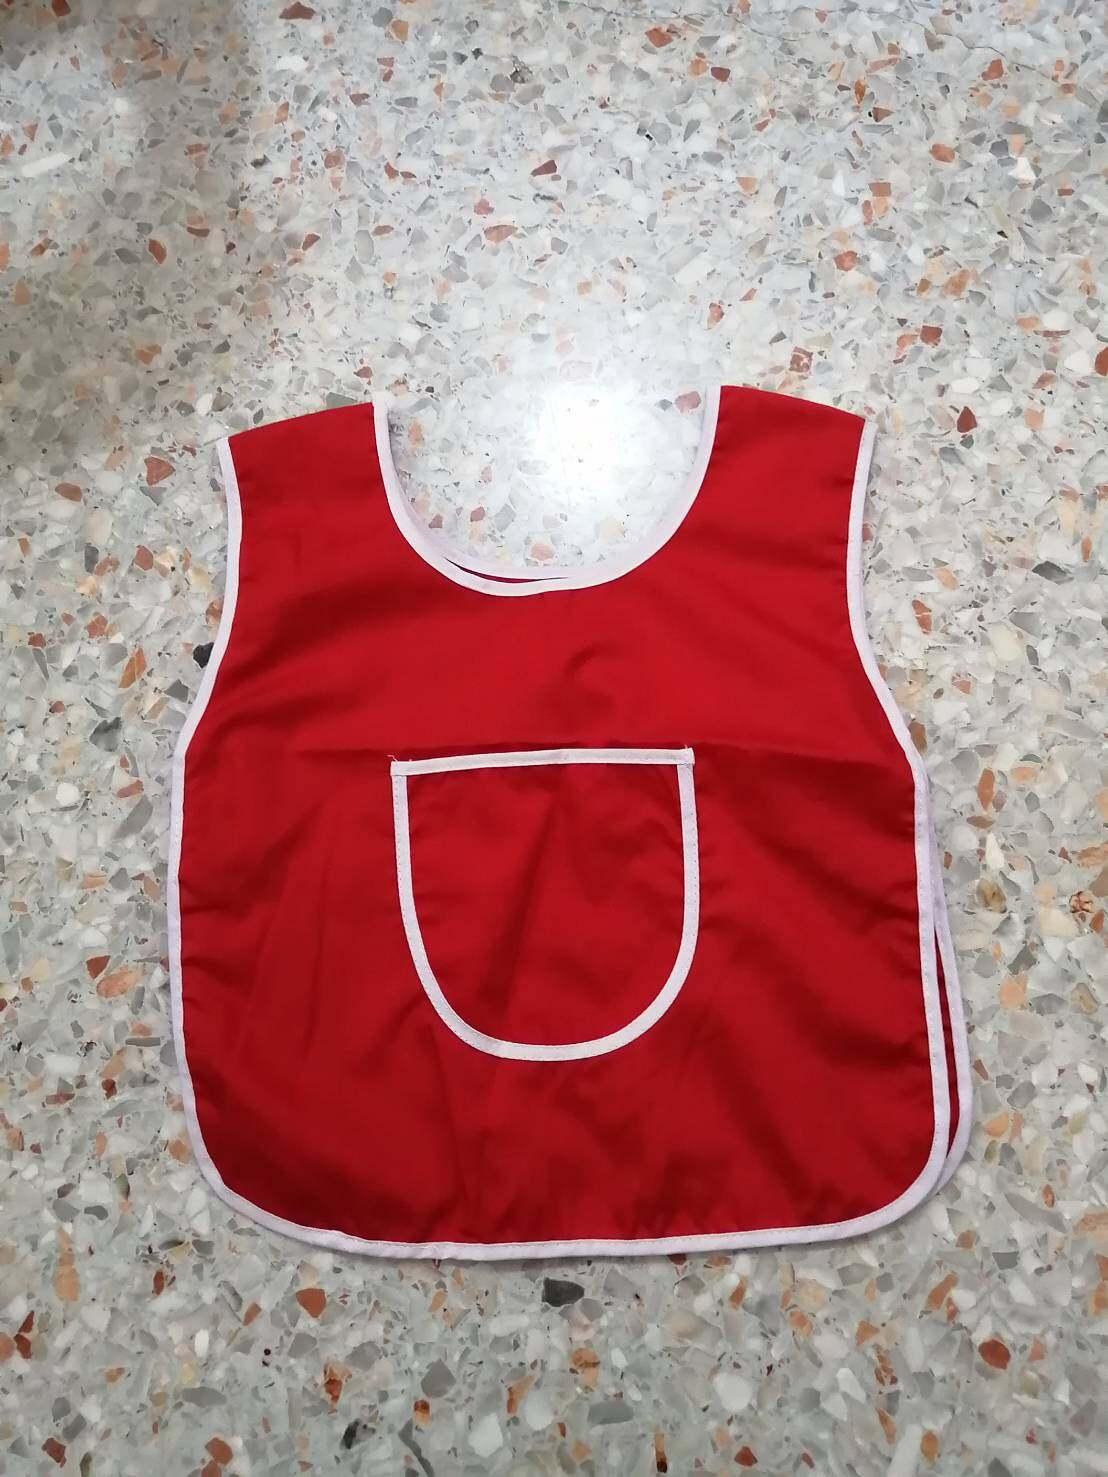 #เอี้ยมเด็กอนุบาล #ผ้ากันเปื้อนเด็กอนุบาล ราคาถู๊ก ถูก! #พร้อมส่ง#